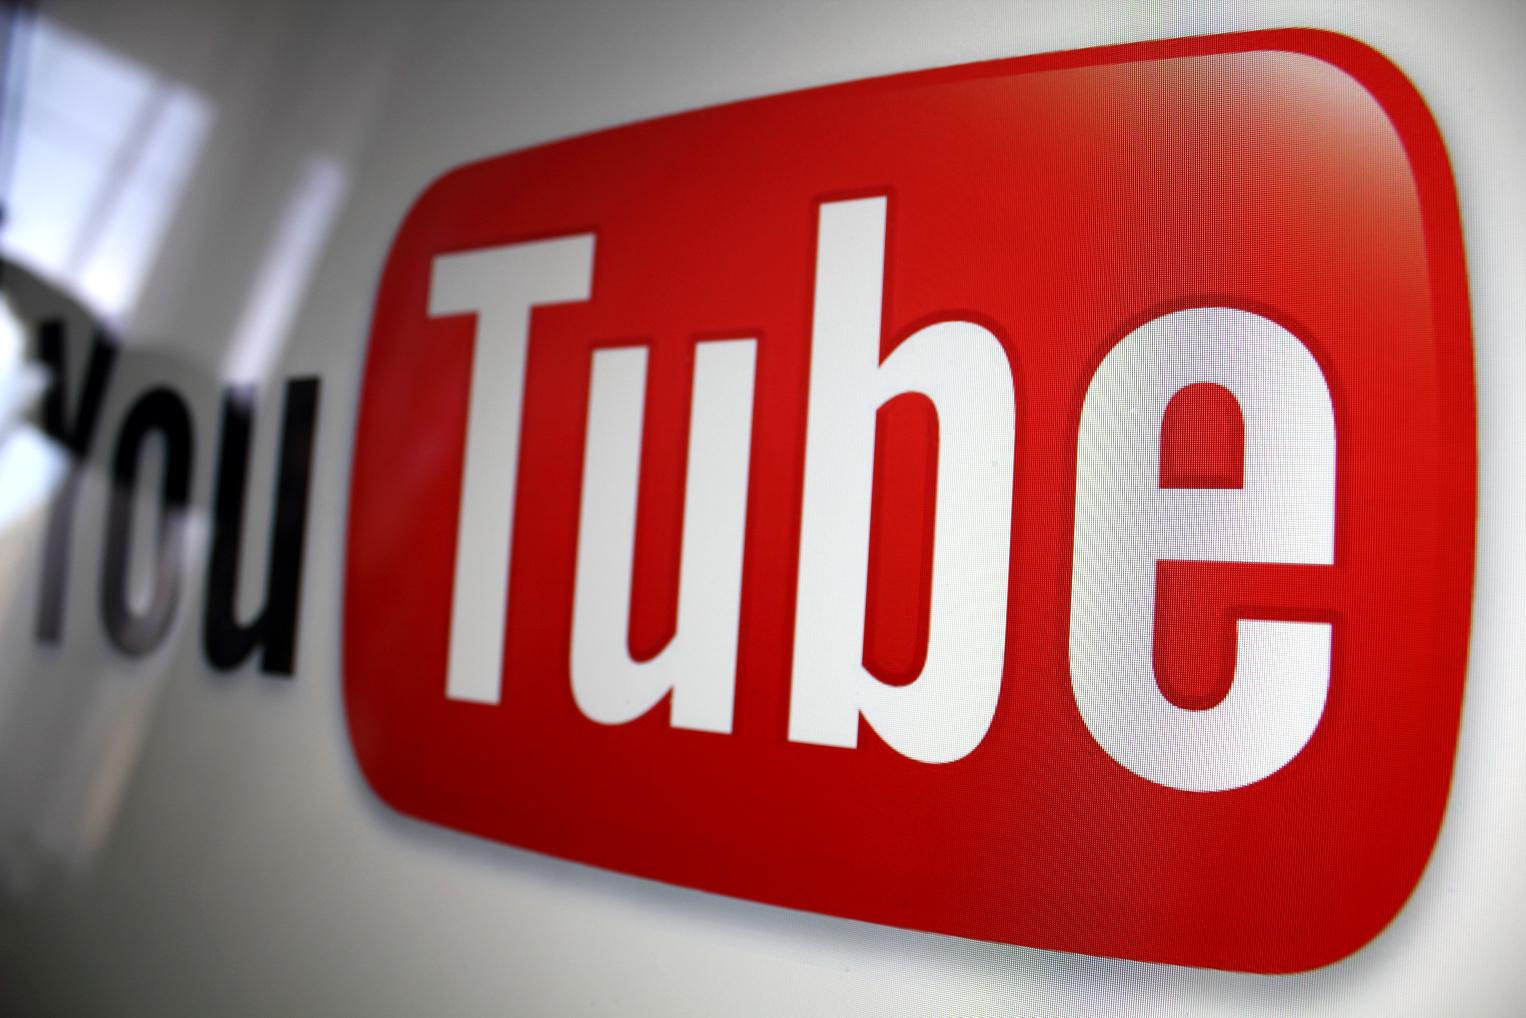 Cara Download Video Dari Youtube Dengan Mudah Tanpa Software